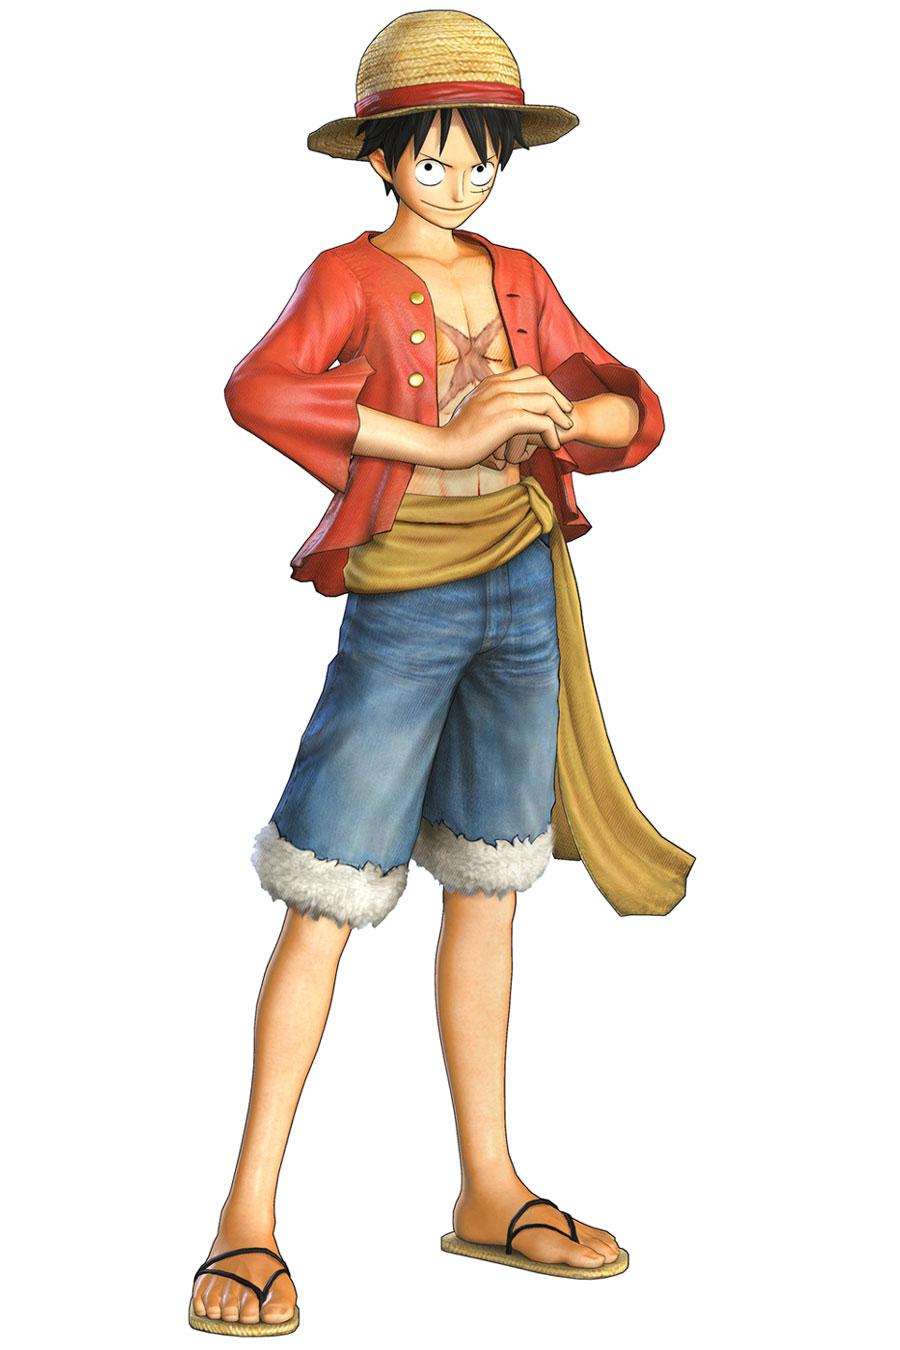 Monkey D Luffy Art One Piece Pirate Warriors 2 Art Gallery